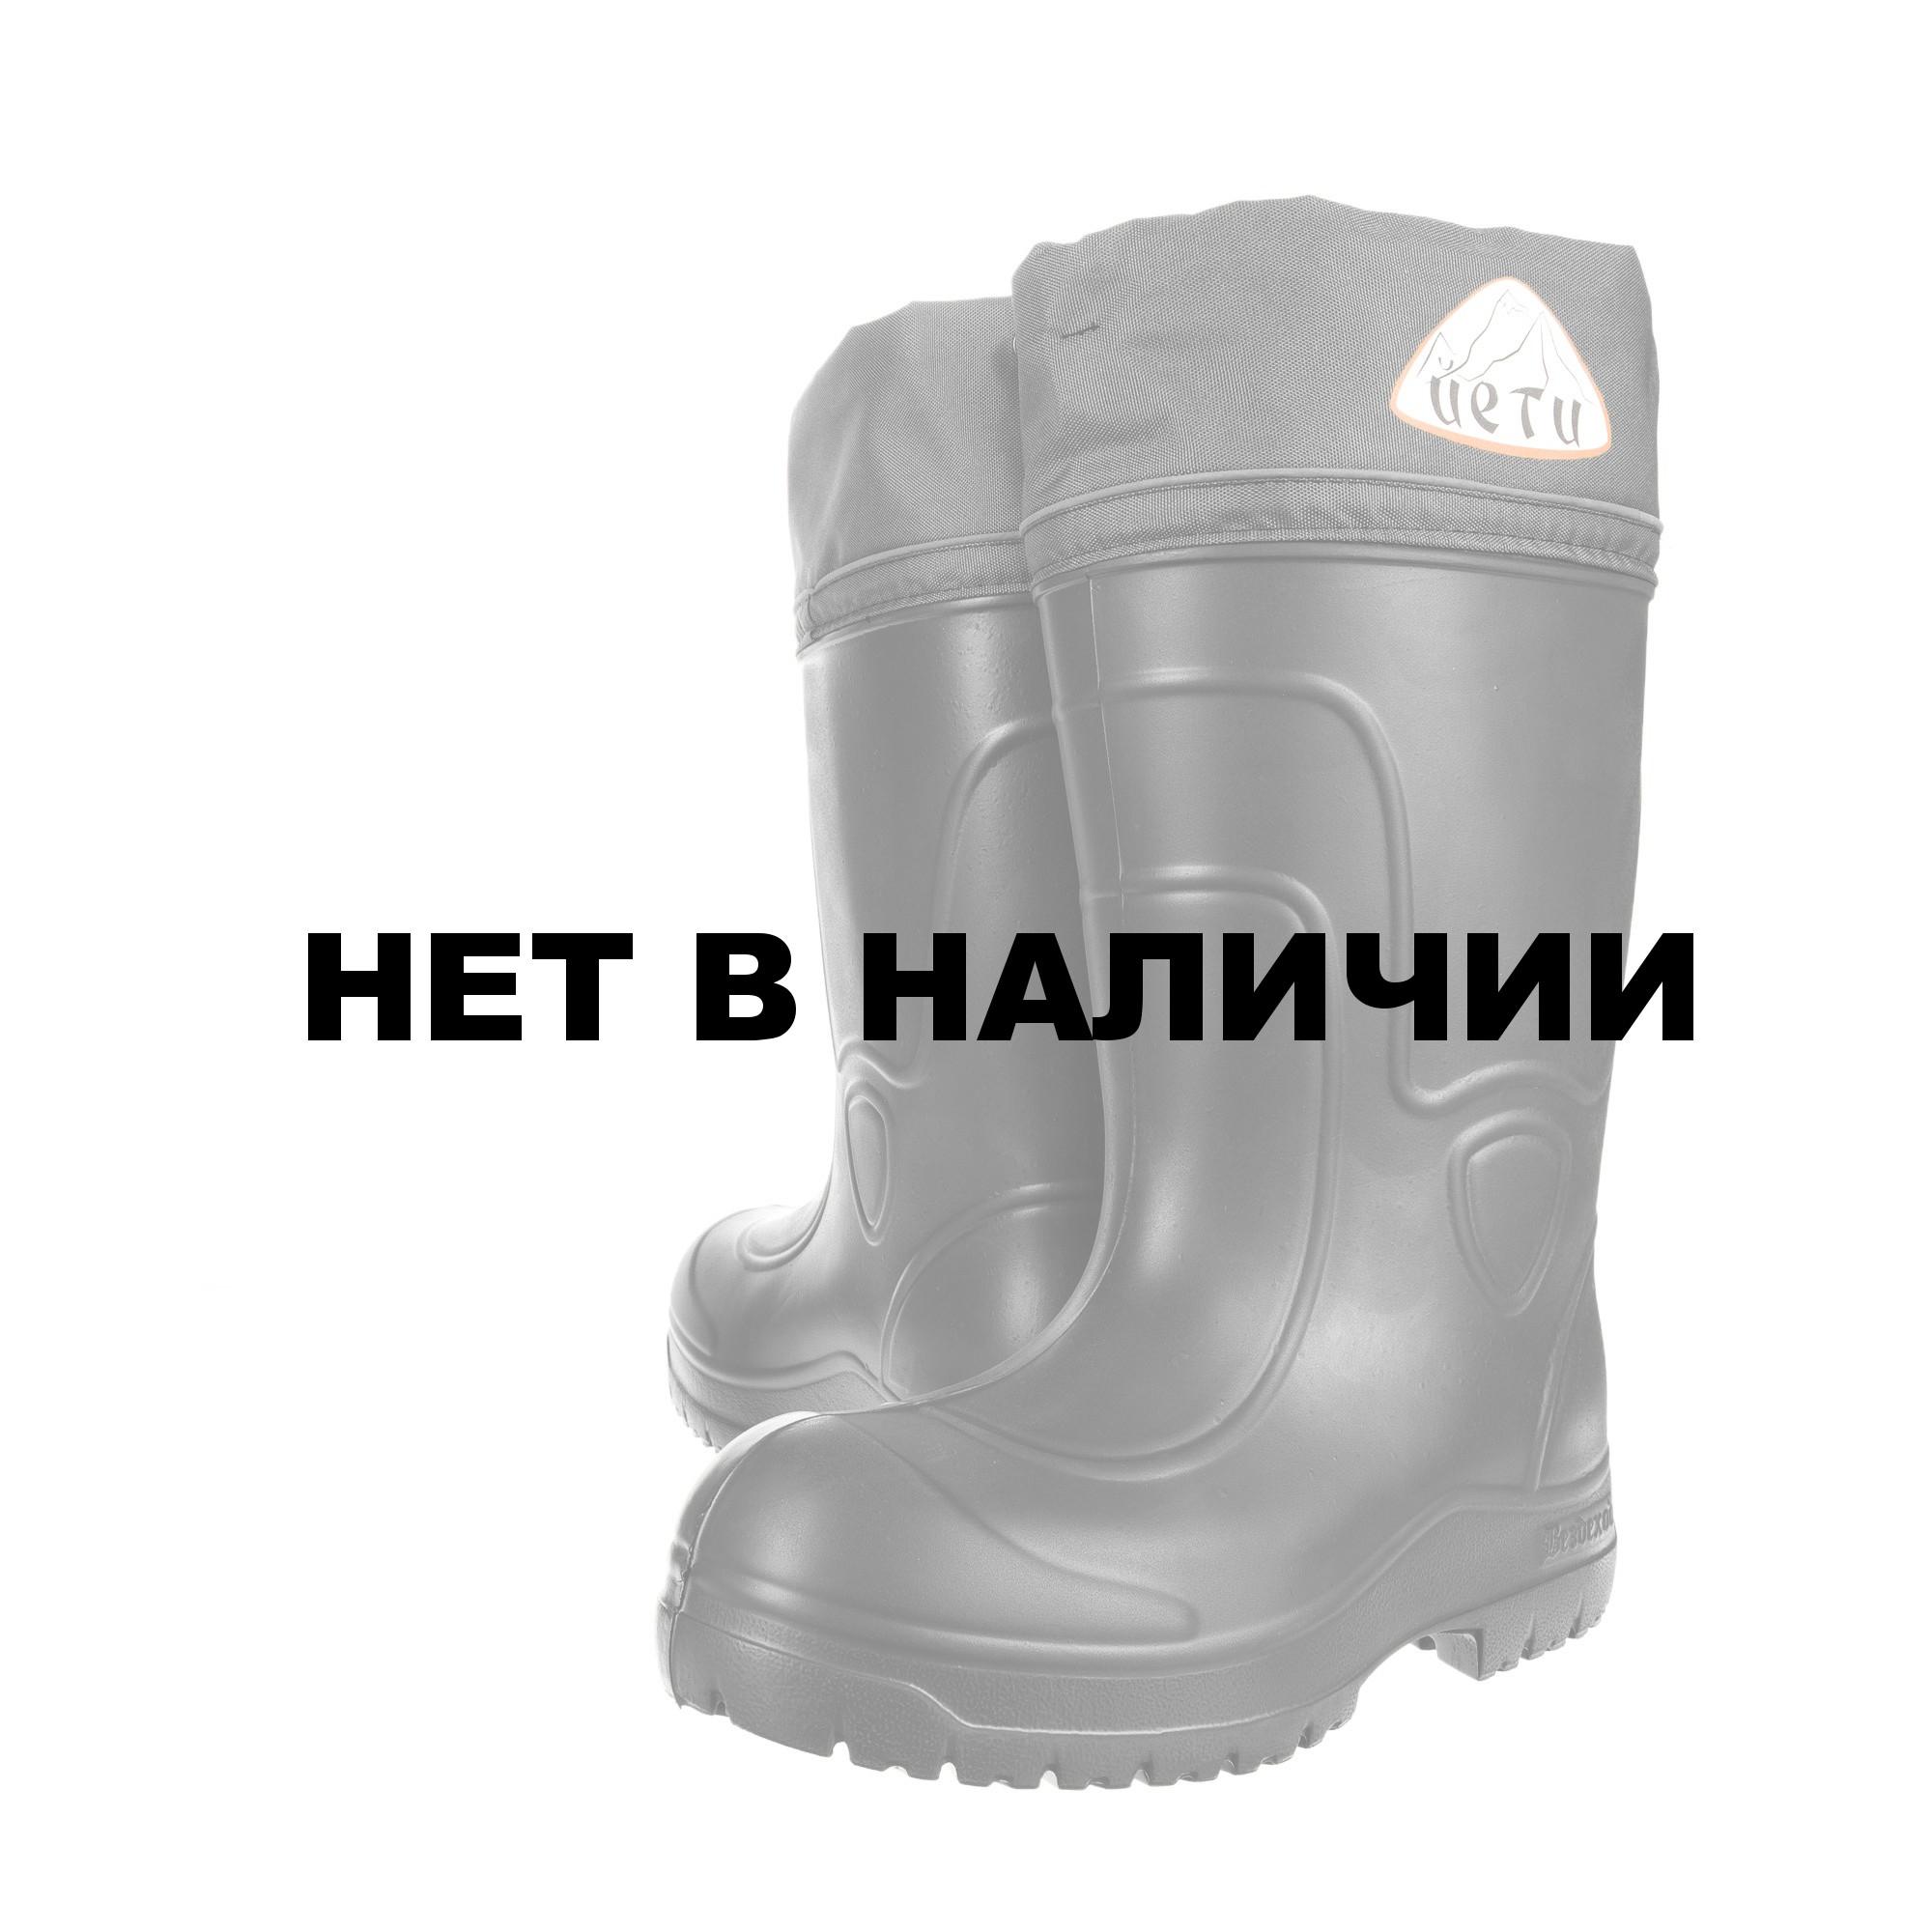 5b42c4dfb Сапоги ВЕЗДЕХОД ЙЕТИ ЭВА (СВ-75) черные, производитель ВЕЗДЕХОД ...